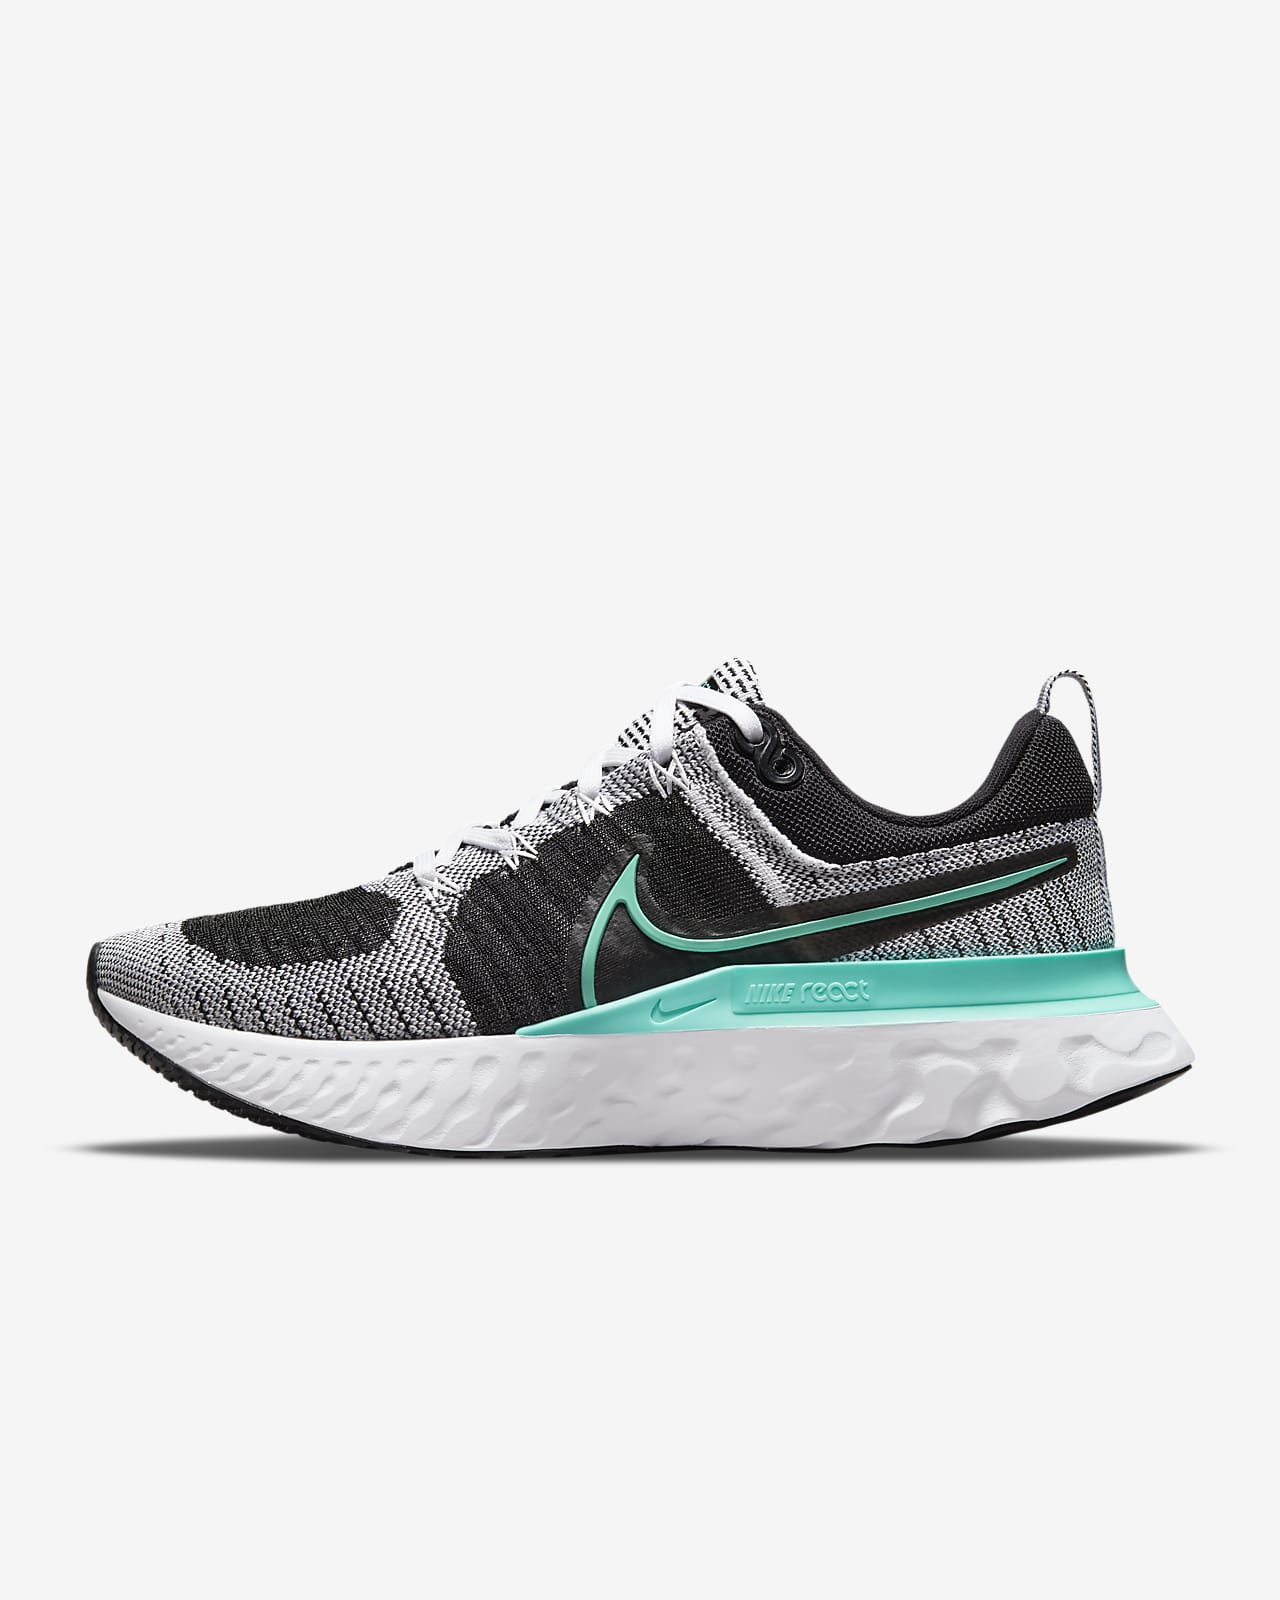 Calzado de running para mujer Nike React Infinity Run Flyknit 2